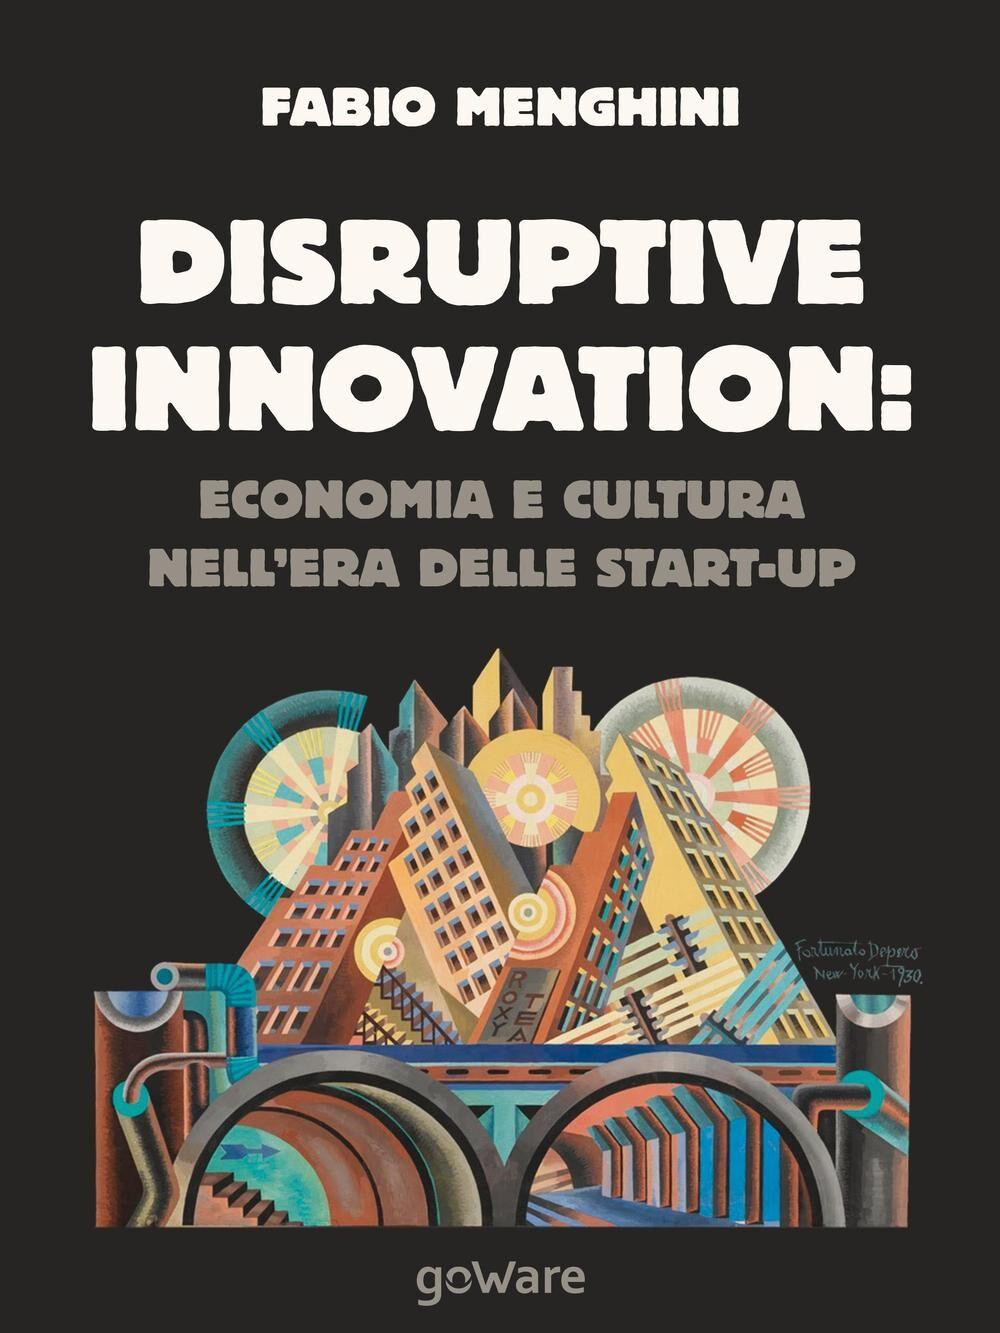 Disruptive innovation: economia e cultura nell'era delle start-up